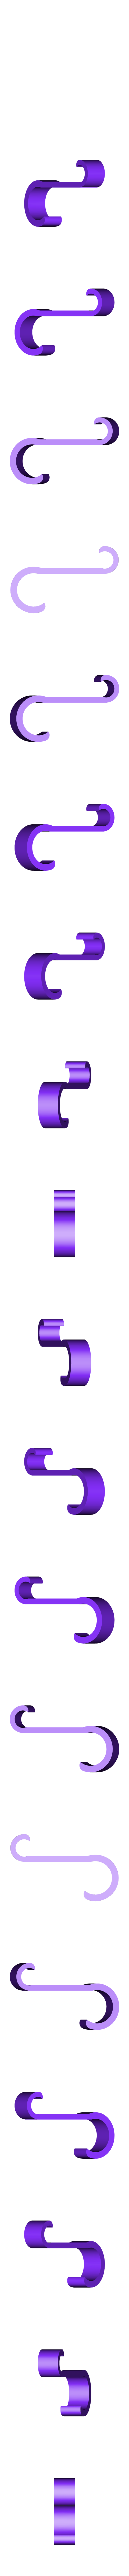 radiator_hanger.stl Download free STL file radiator hanger • 3D print object, mariospeed